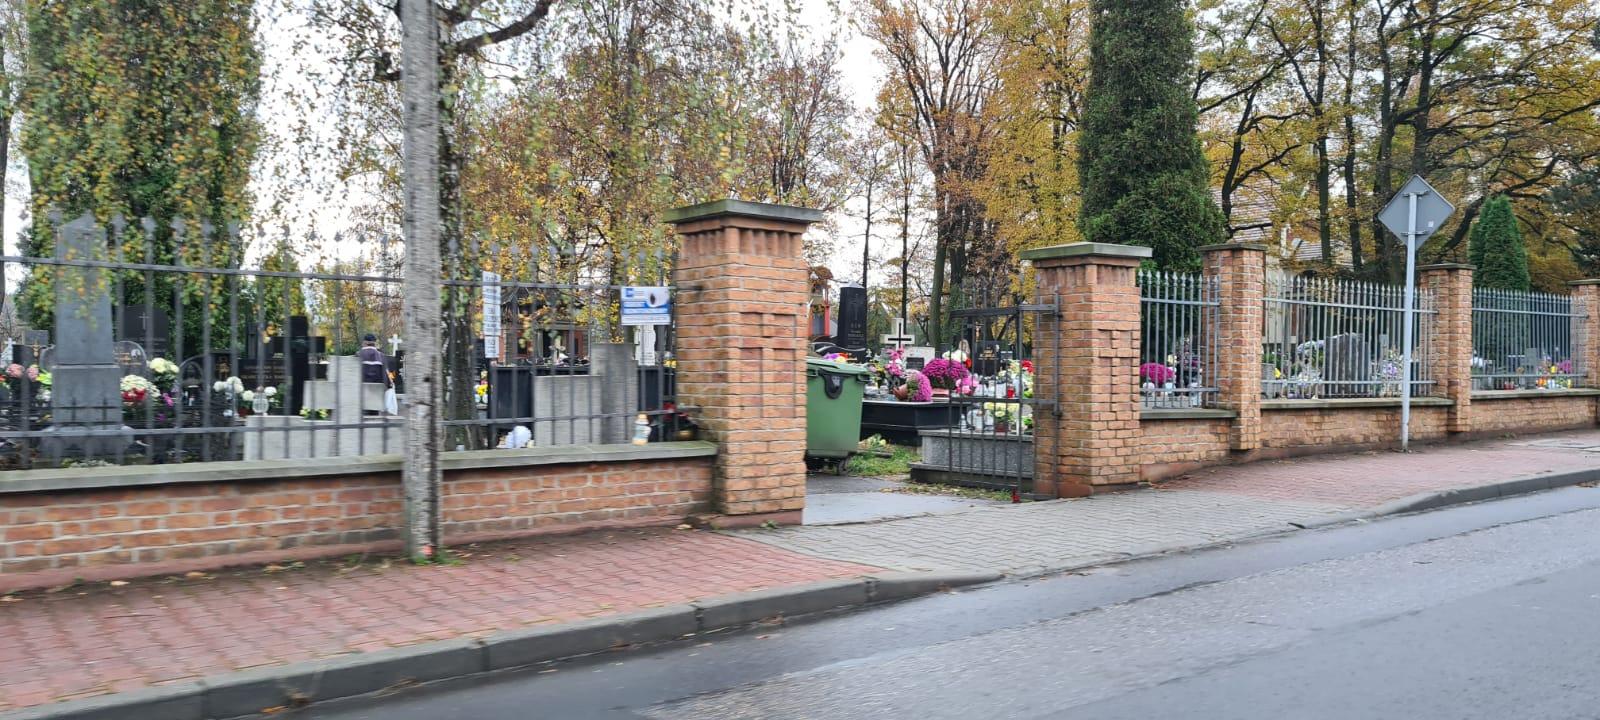 Cmentarze ponownie otwarte. Wiadomo po ile rząd skupi chryzantemy